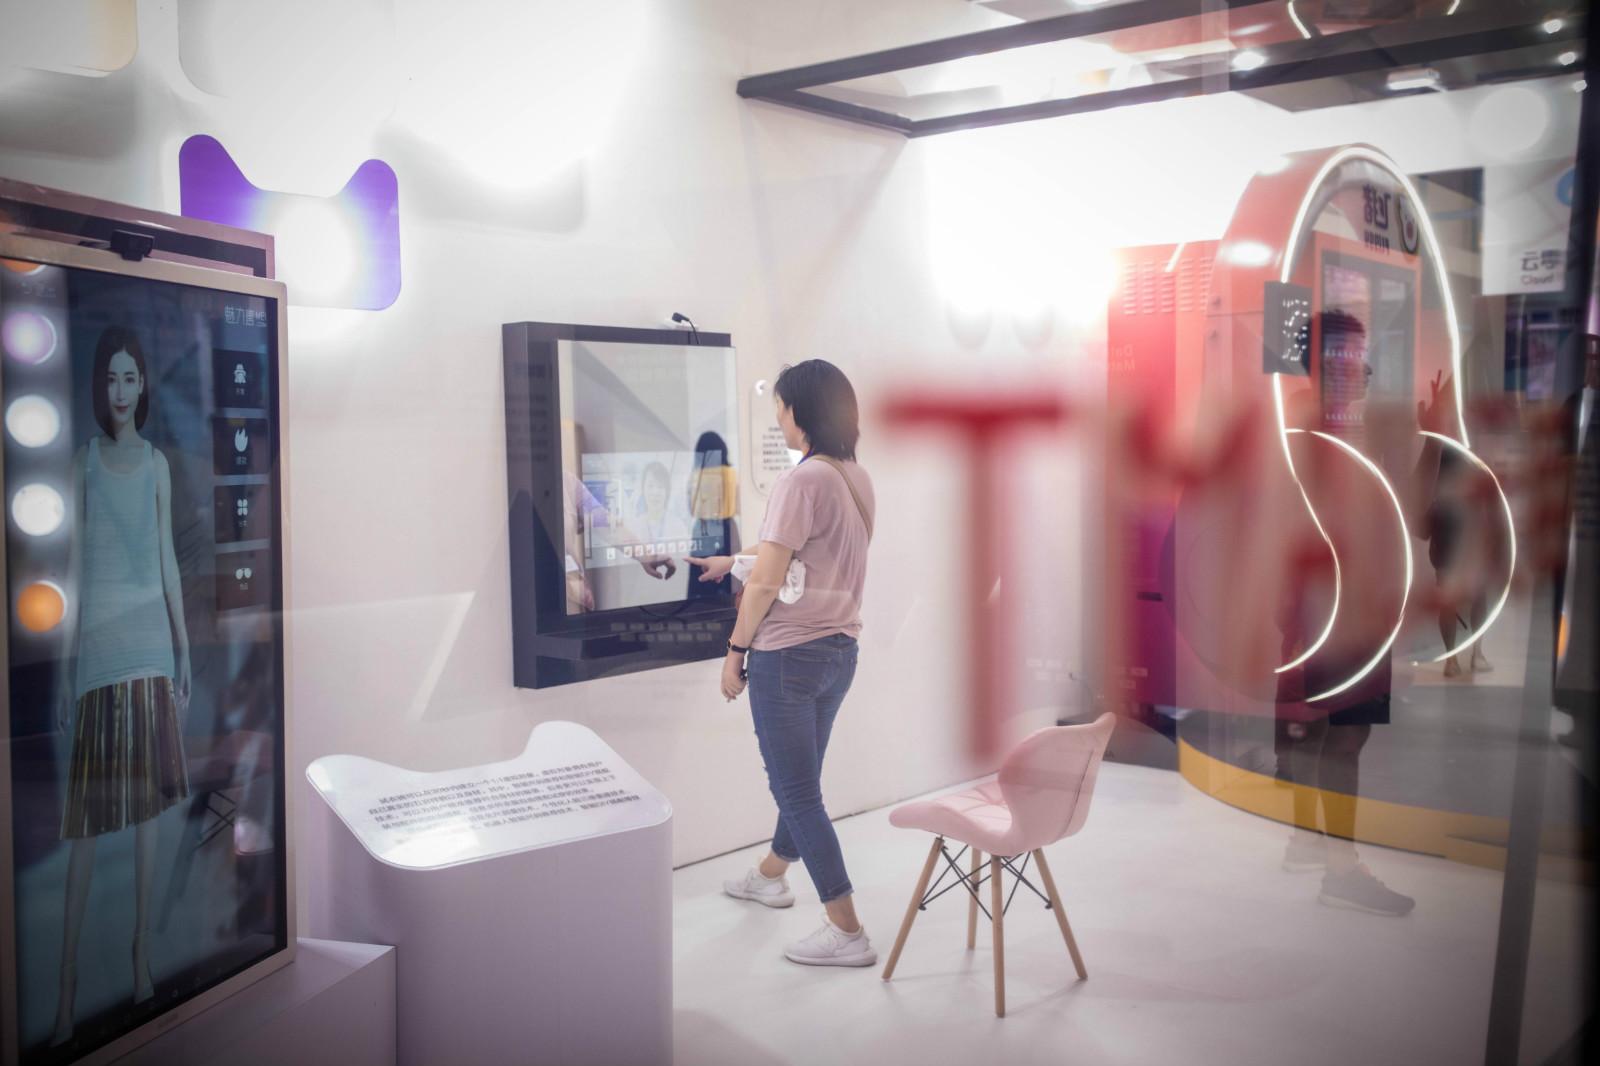 图为:消费者正在体验天猫推出虚拟试衣等新零售创新购物服务。_meitu_2